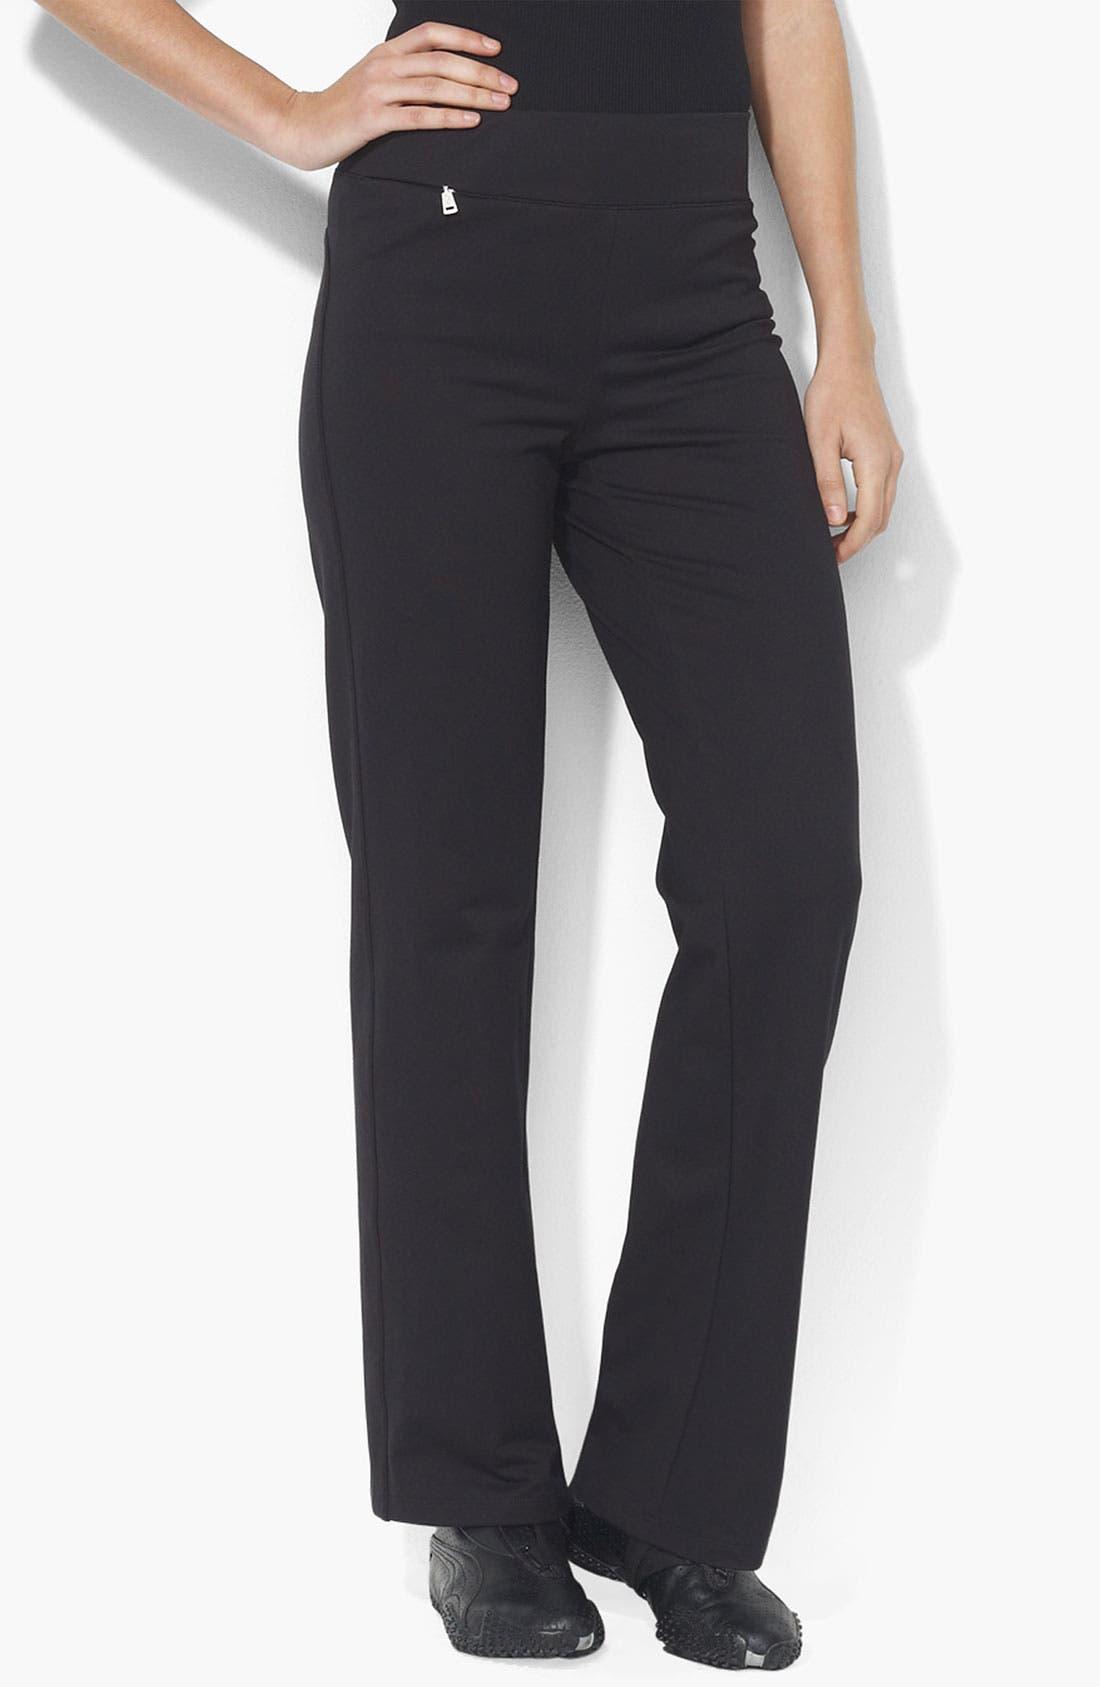 Main Image - Lauren Ralph Lauren Pull-On Knit Pants (Petite) (Online Exclusive)